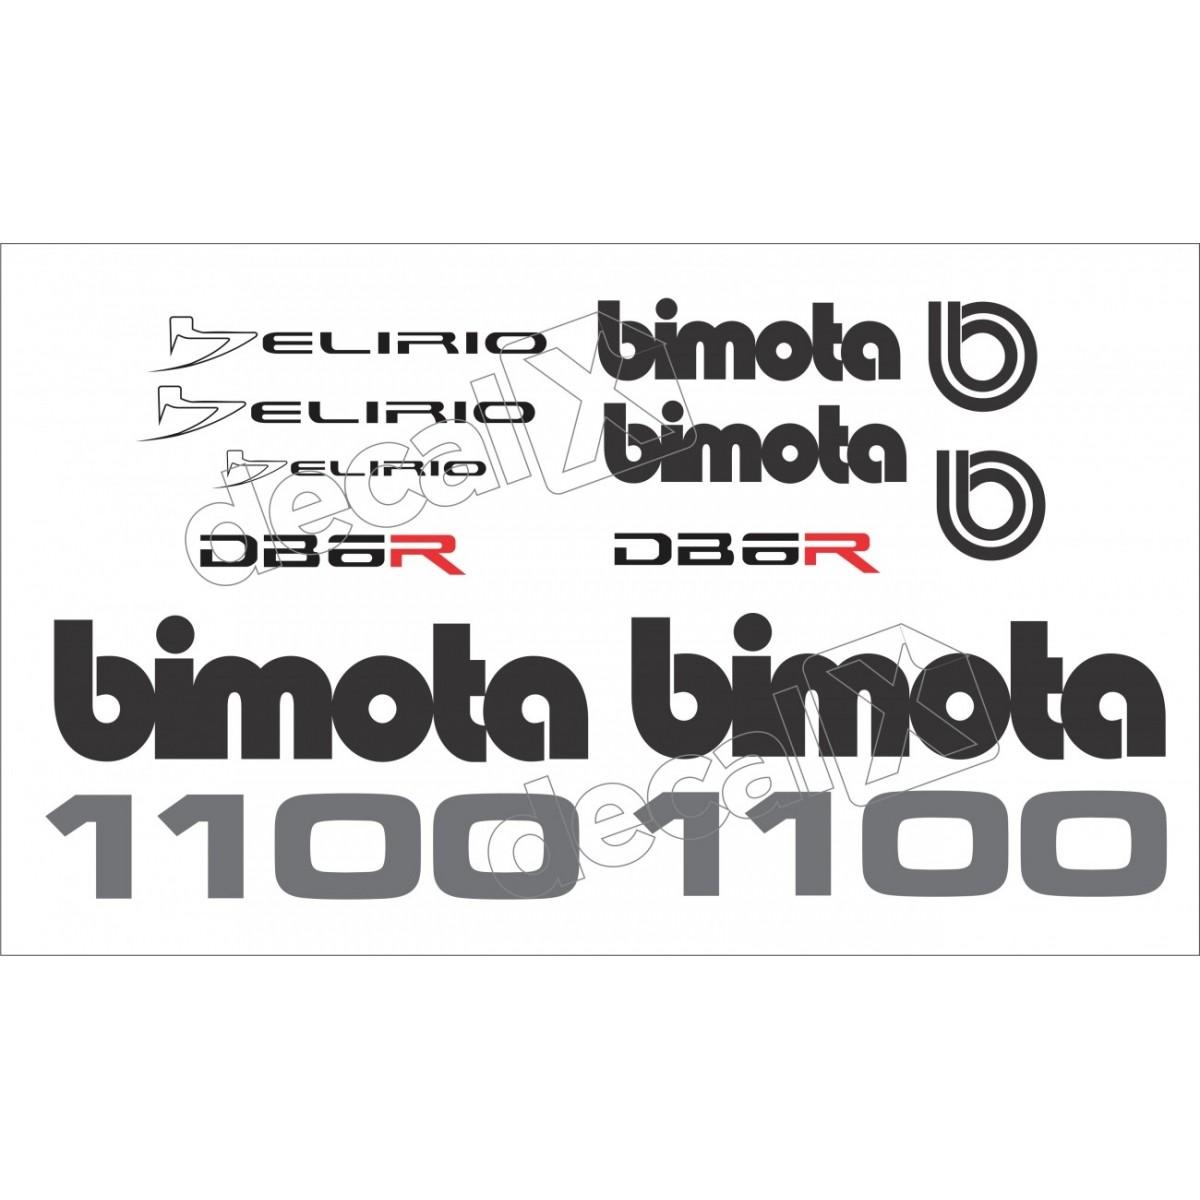 Adesivo Bimota Delirio Db6r Decalx